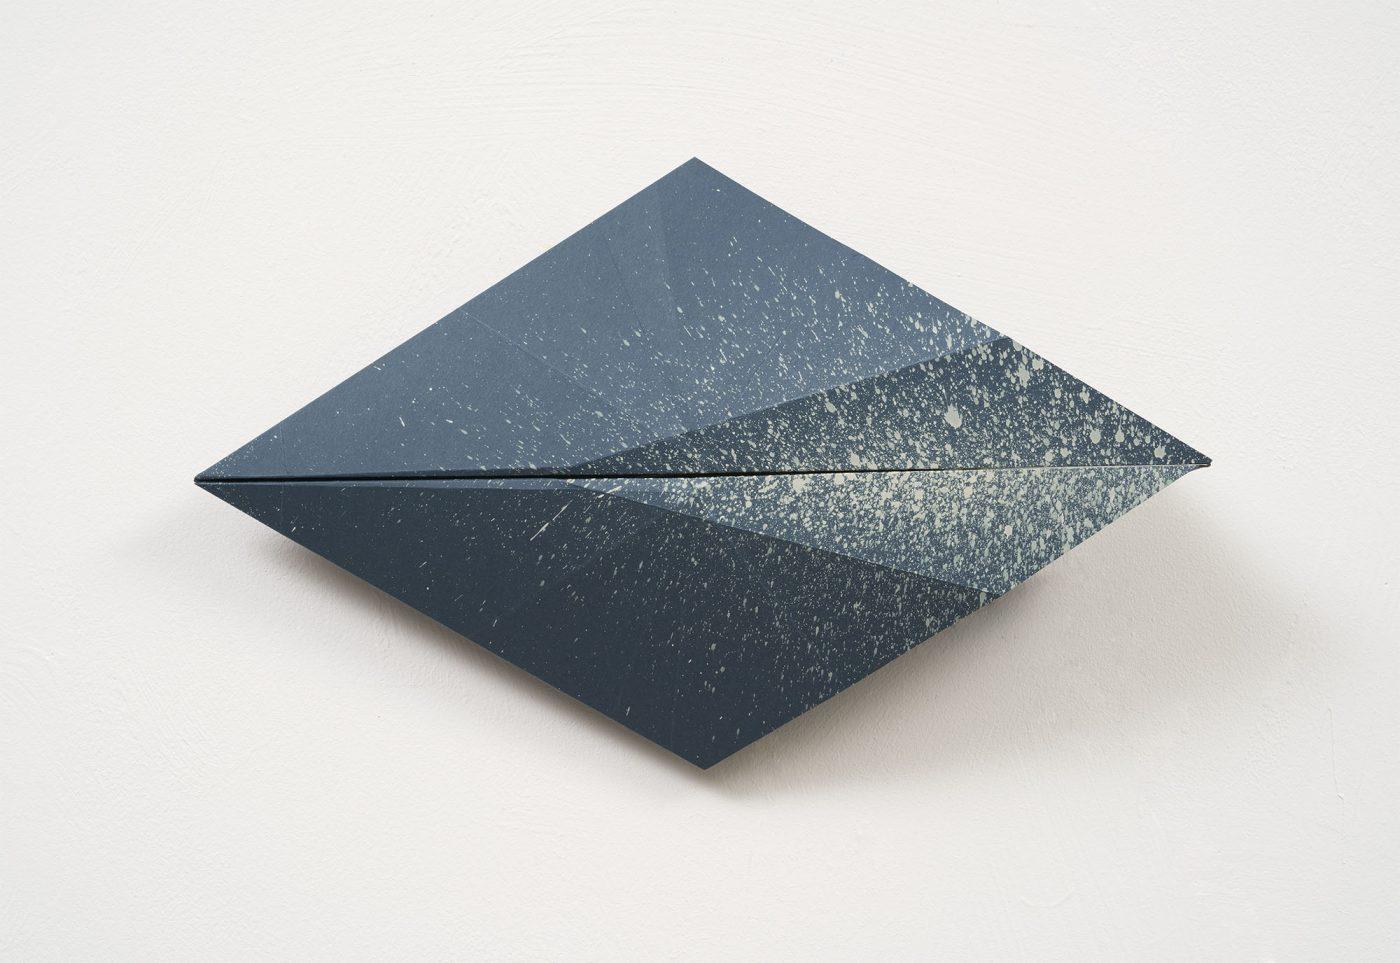 Origami-Finitor-Angelika-J-Trojnarski